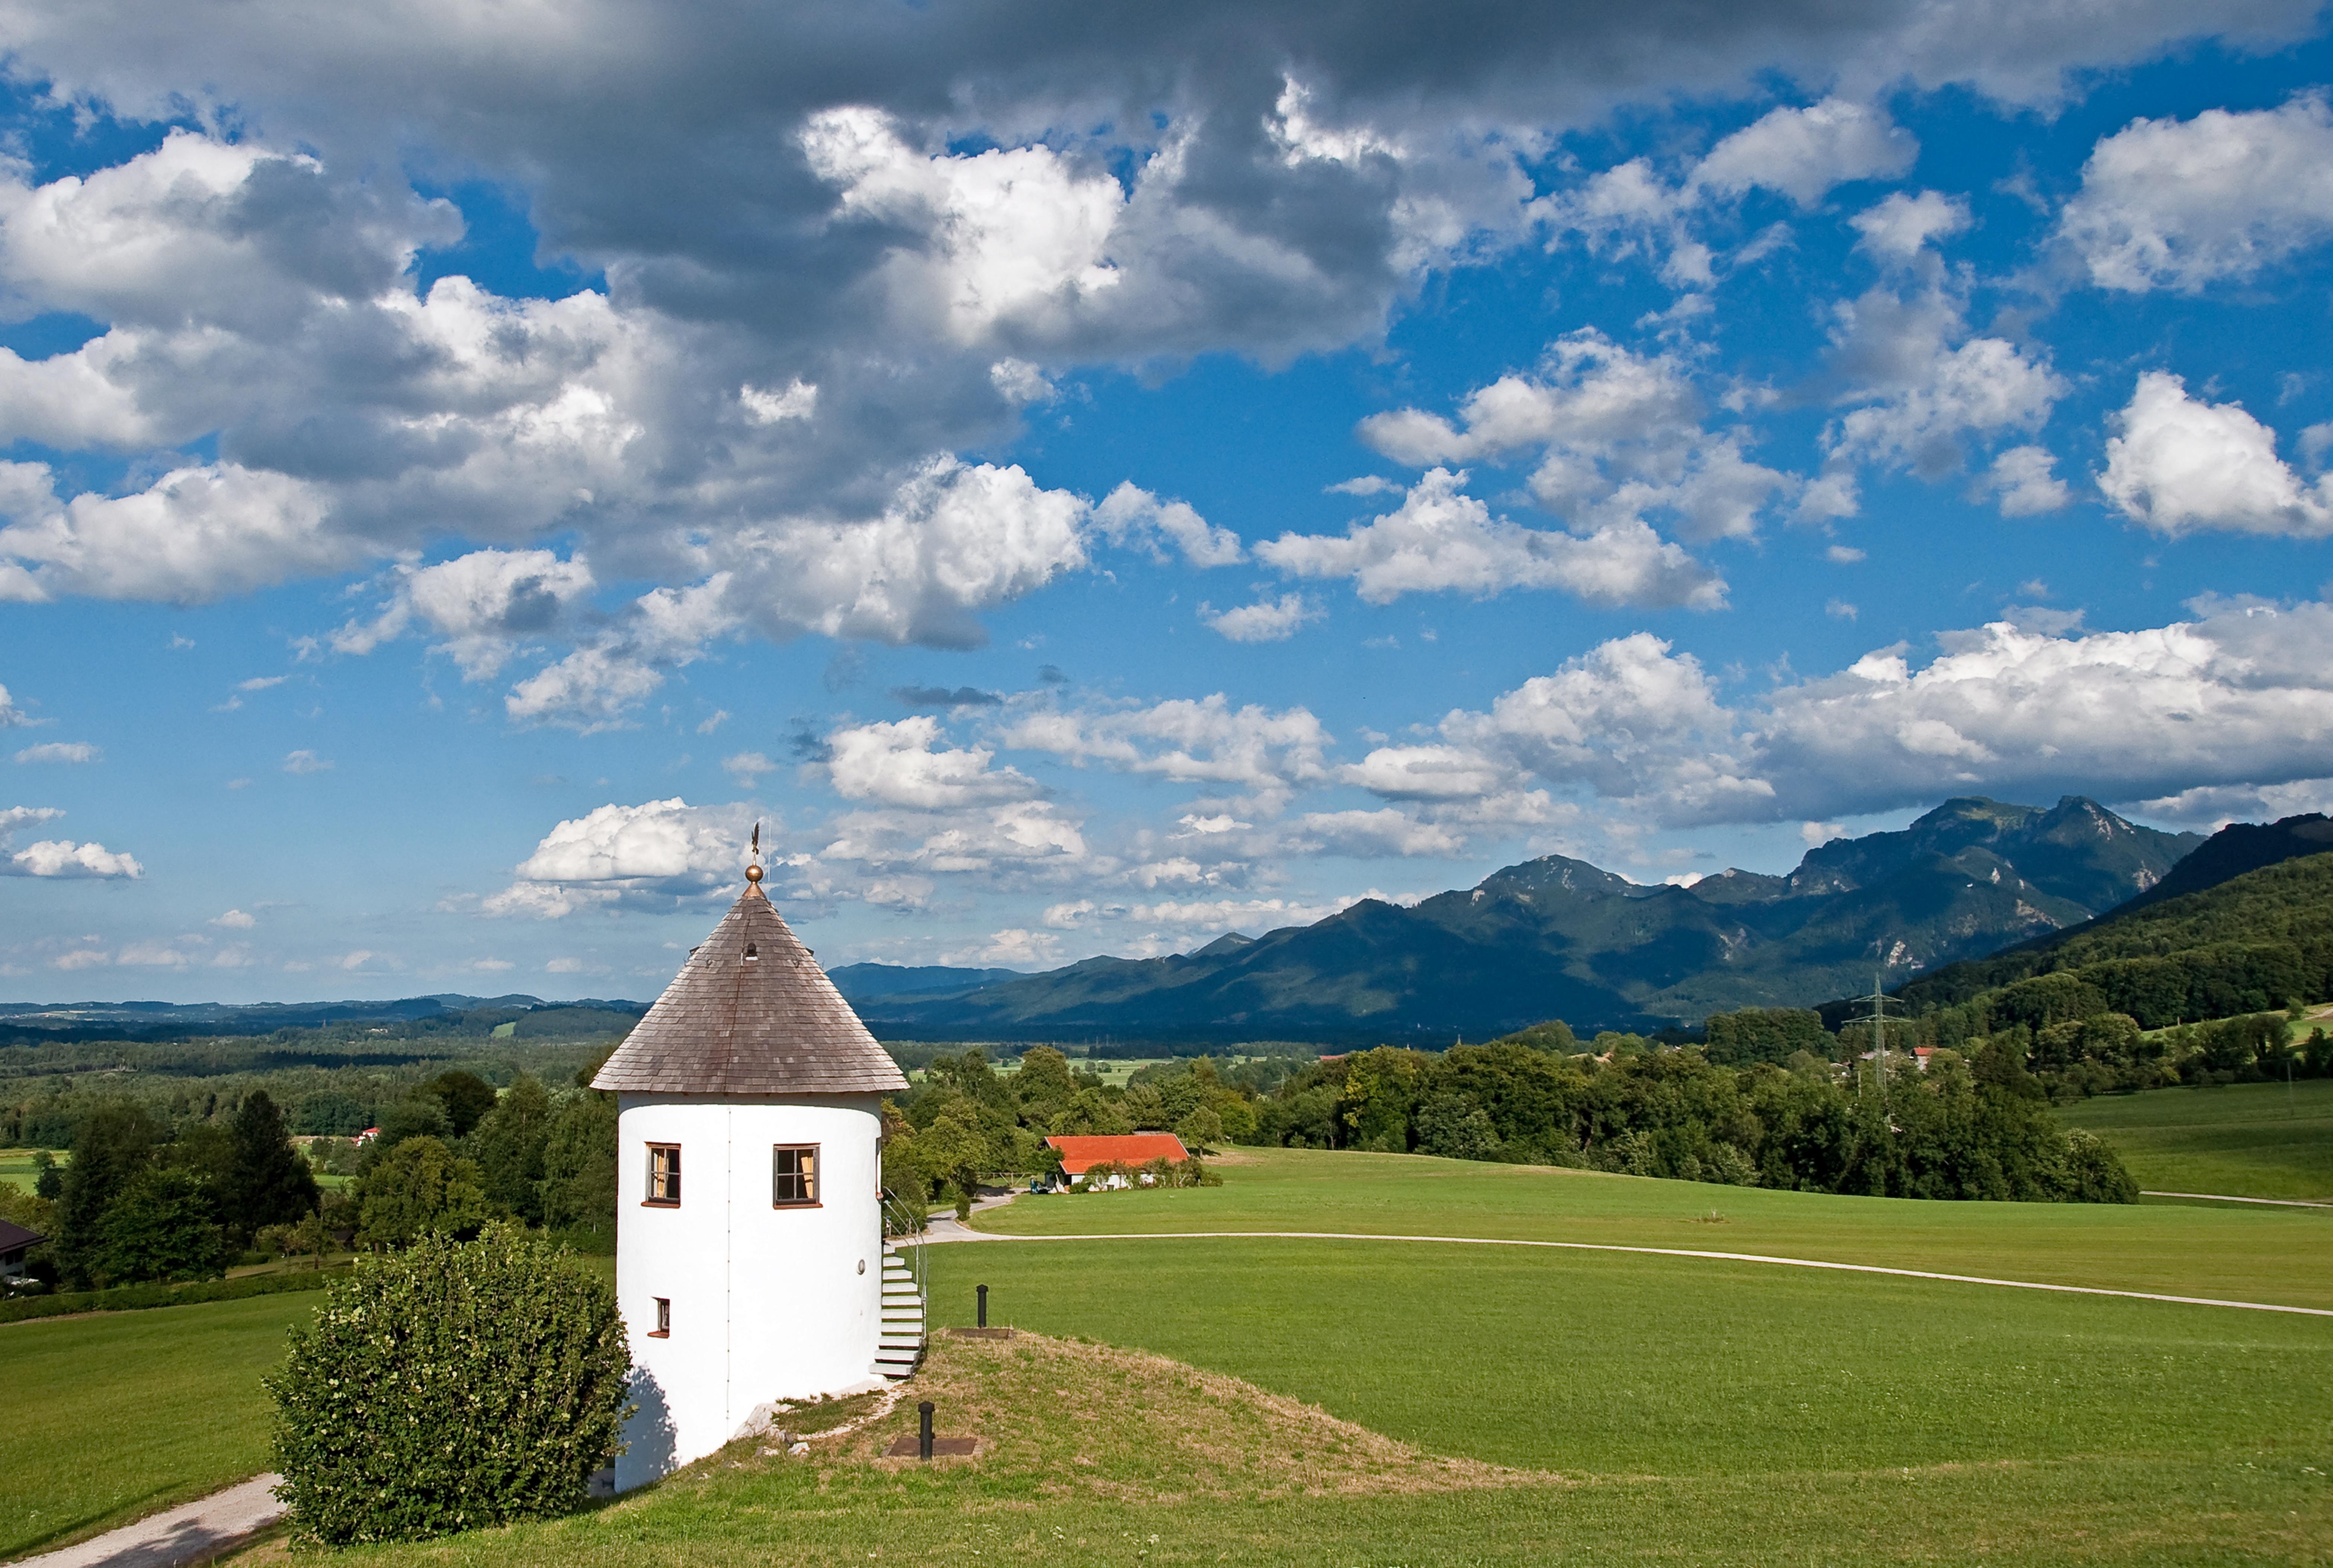 Aussichtspunkt Berghamer Wasserturm